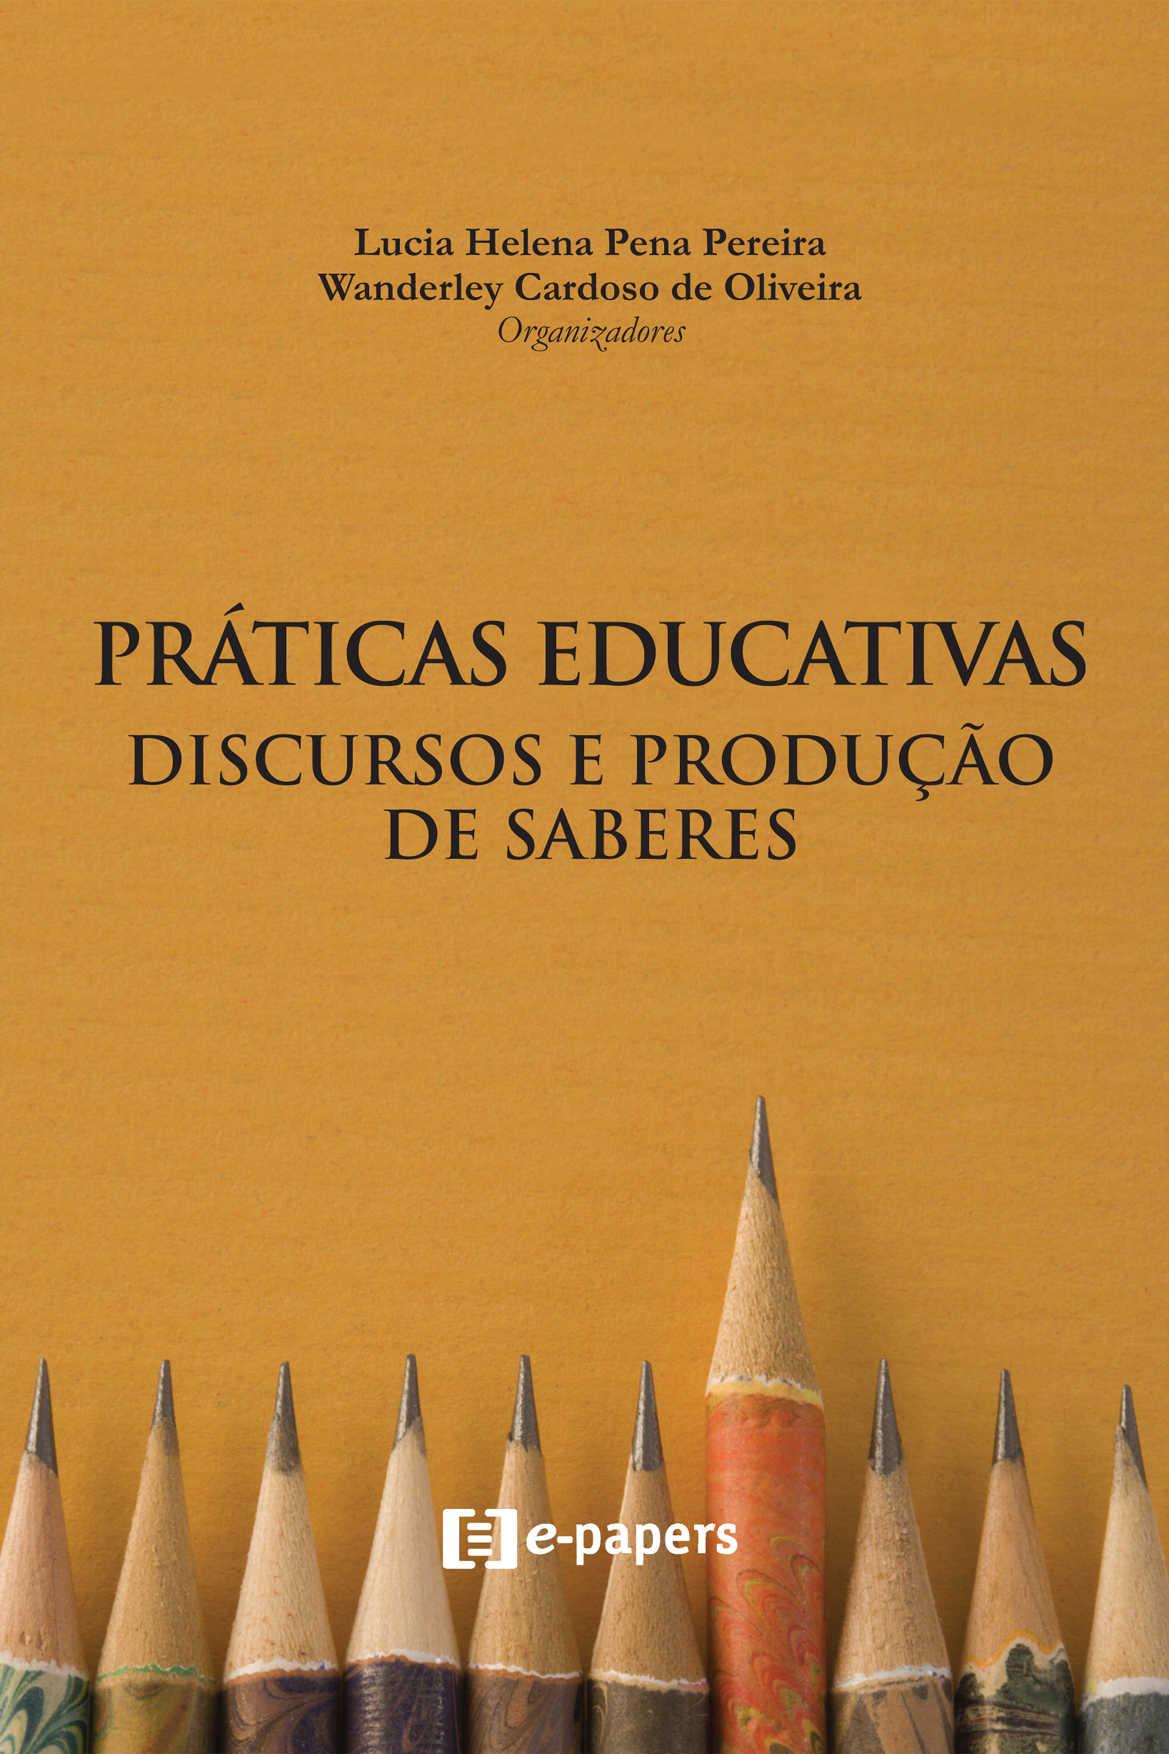 Práticas Educativas: Discursos e produção de saberes